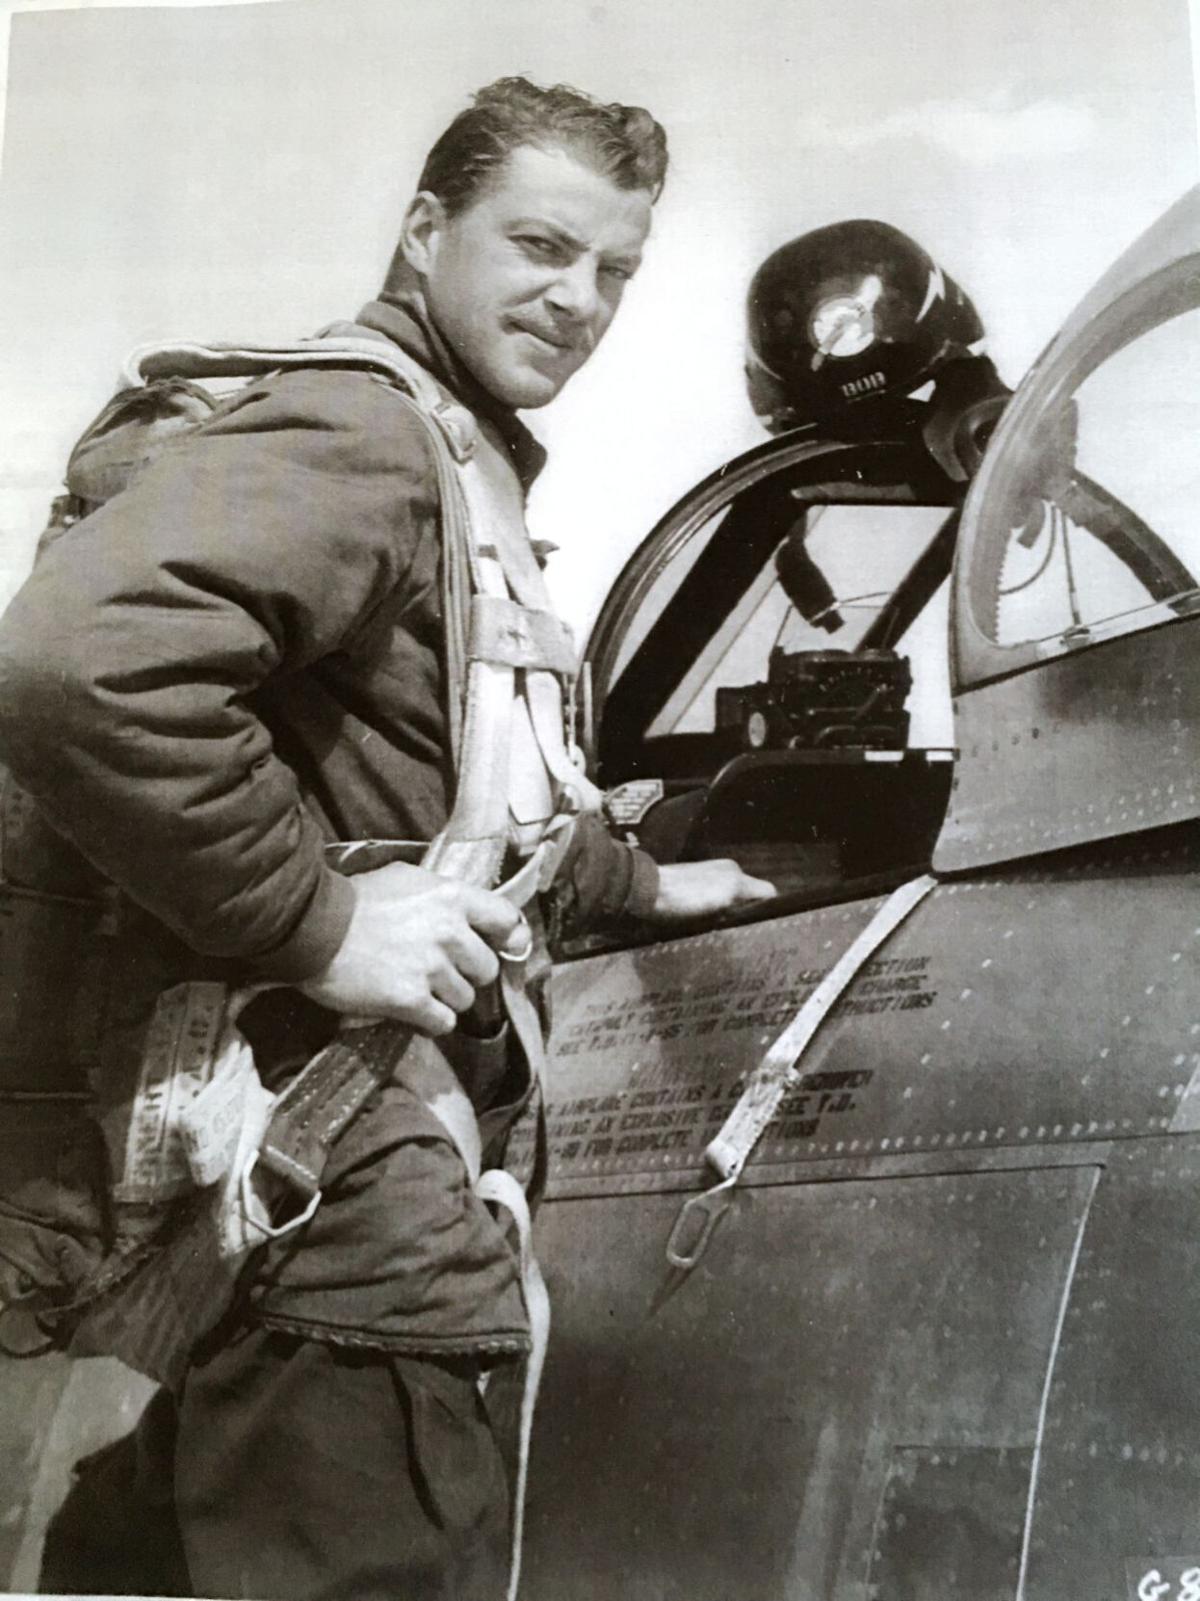 Fighter pilot Robert H. Laier